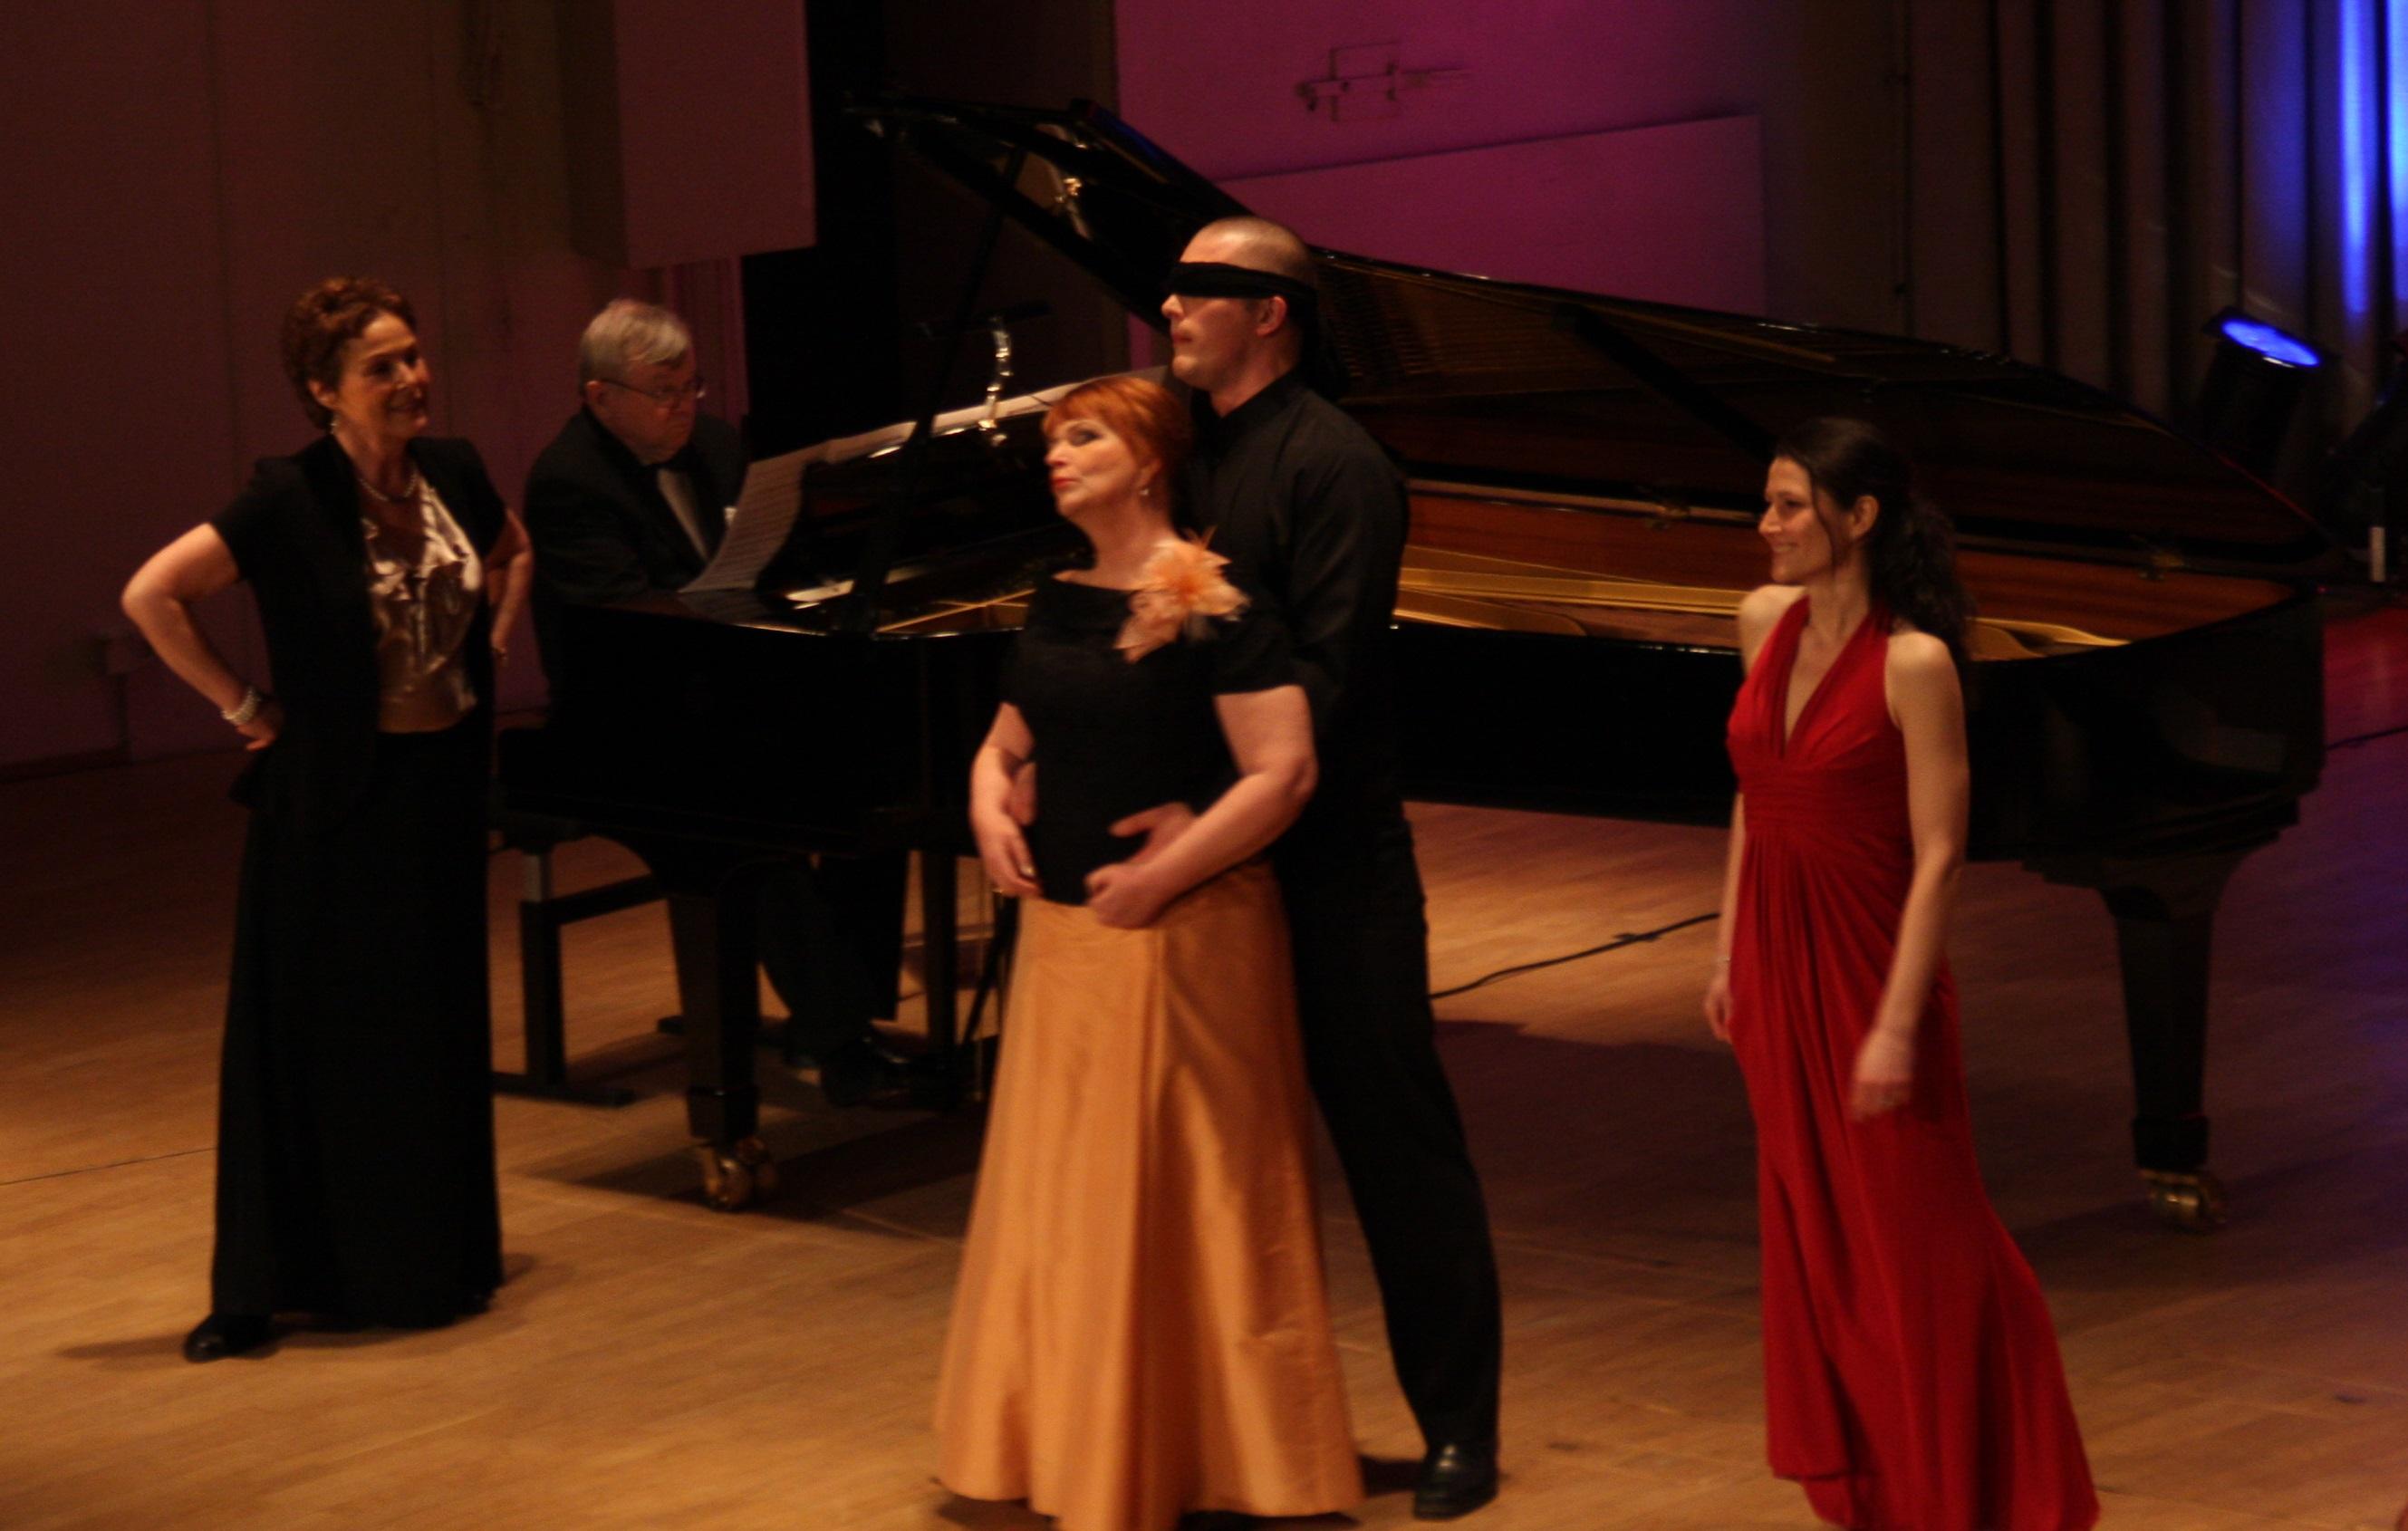 Zerlinan ja Don Giovannin duetto